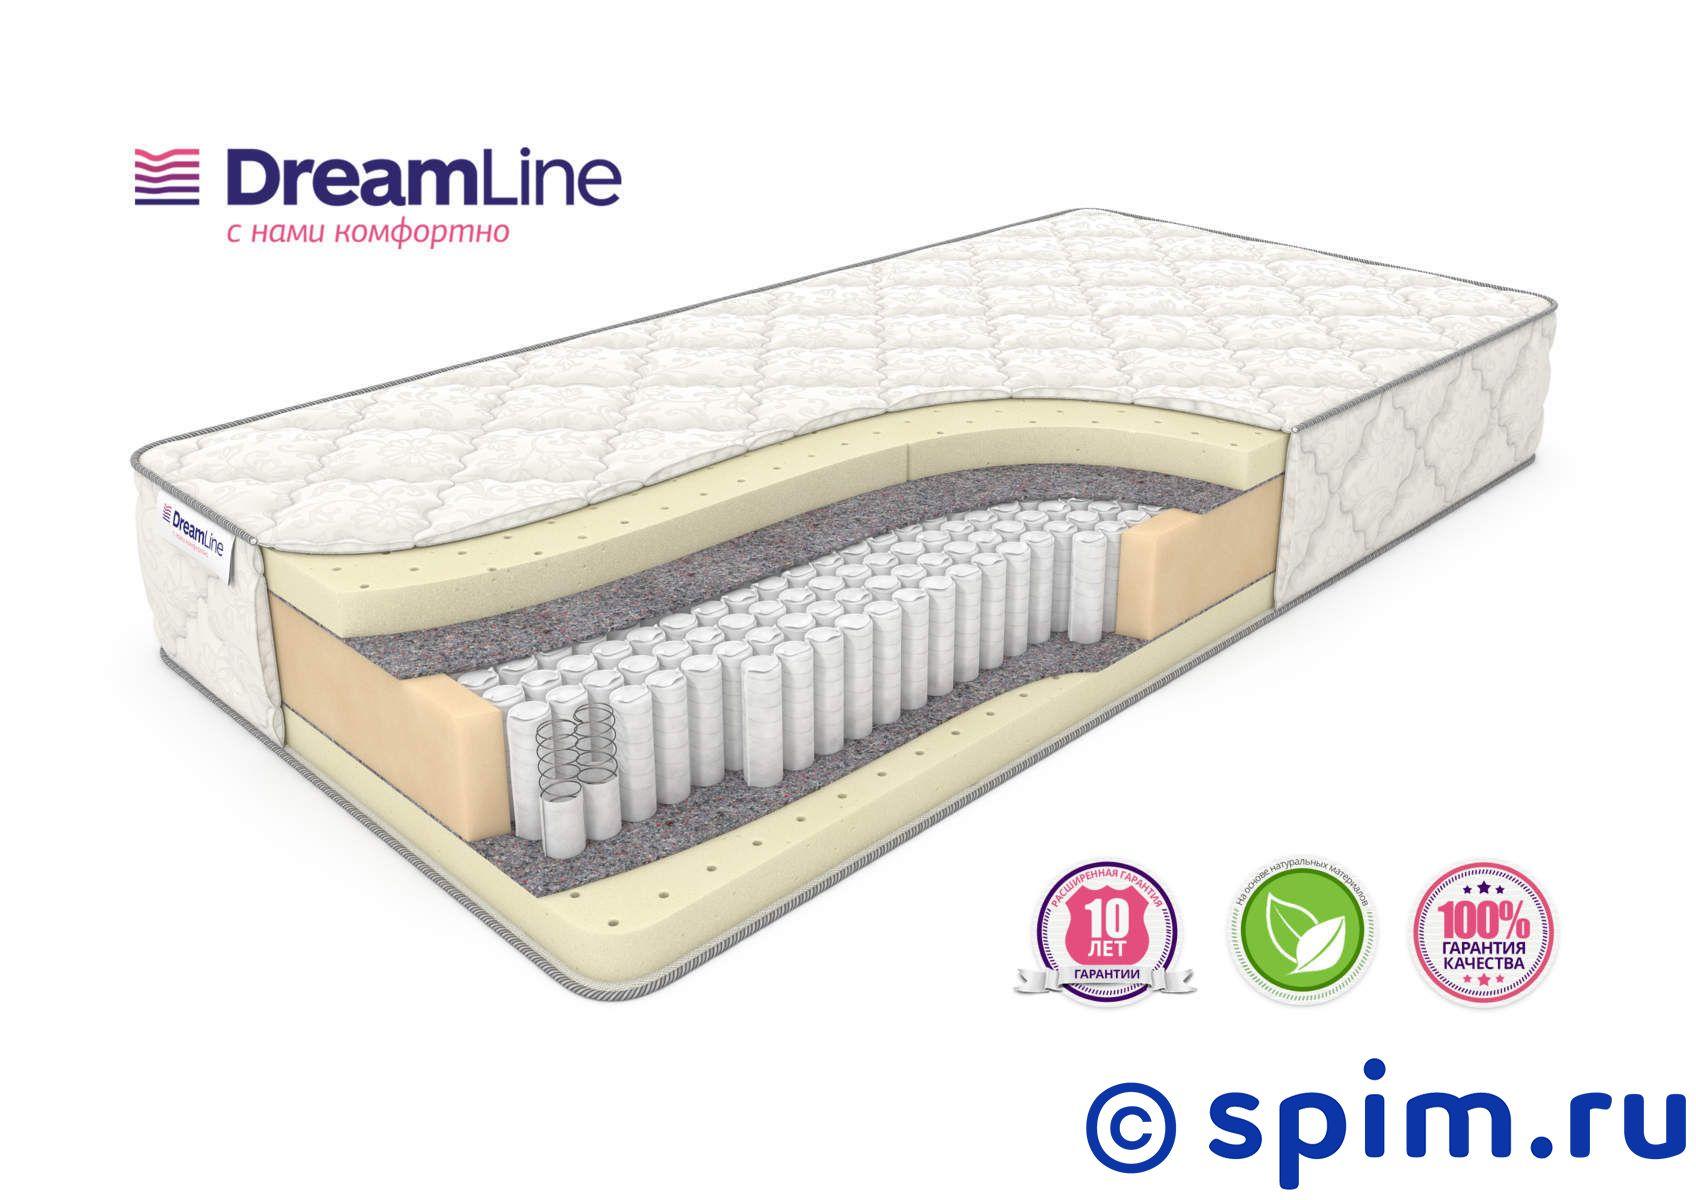 Матрас DreamLine Prime Soft S1000 120х195 смМатрасы DreamLine Prime<br>Мягкий матрас на независимых пружинах Multipoket S1000 (500 шт/м2), с прослойками натурального латекса. Несъемный чехол из трикотажа. Высота: 27 см. Нагрузка: до 140 кг. Размер ДримЛайн Приме Софт С1000: 120 x 195 см<br><br>Ширина см: 120<br>Длина см: 195<br>Линейка: Prime